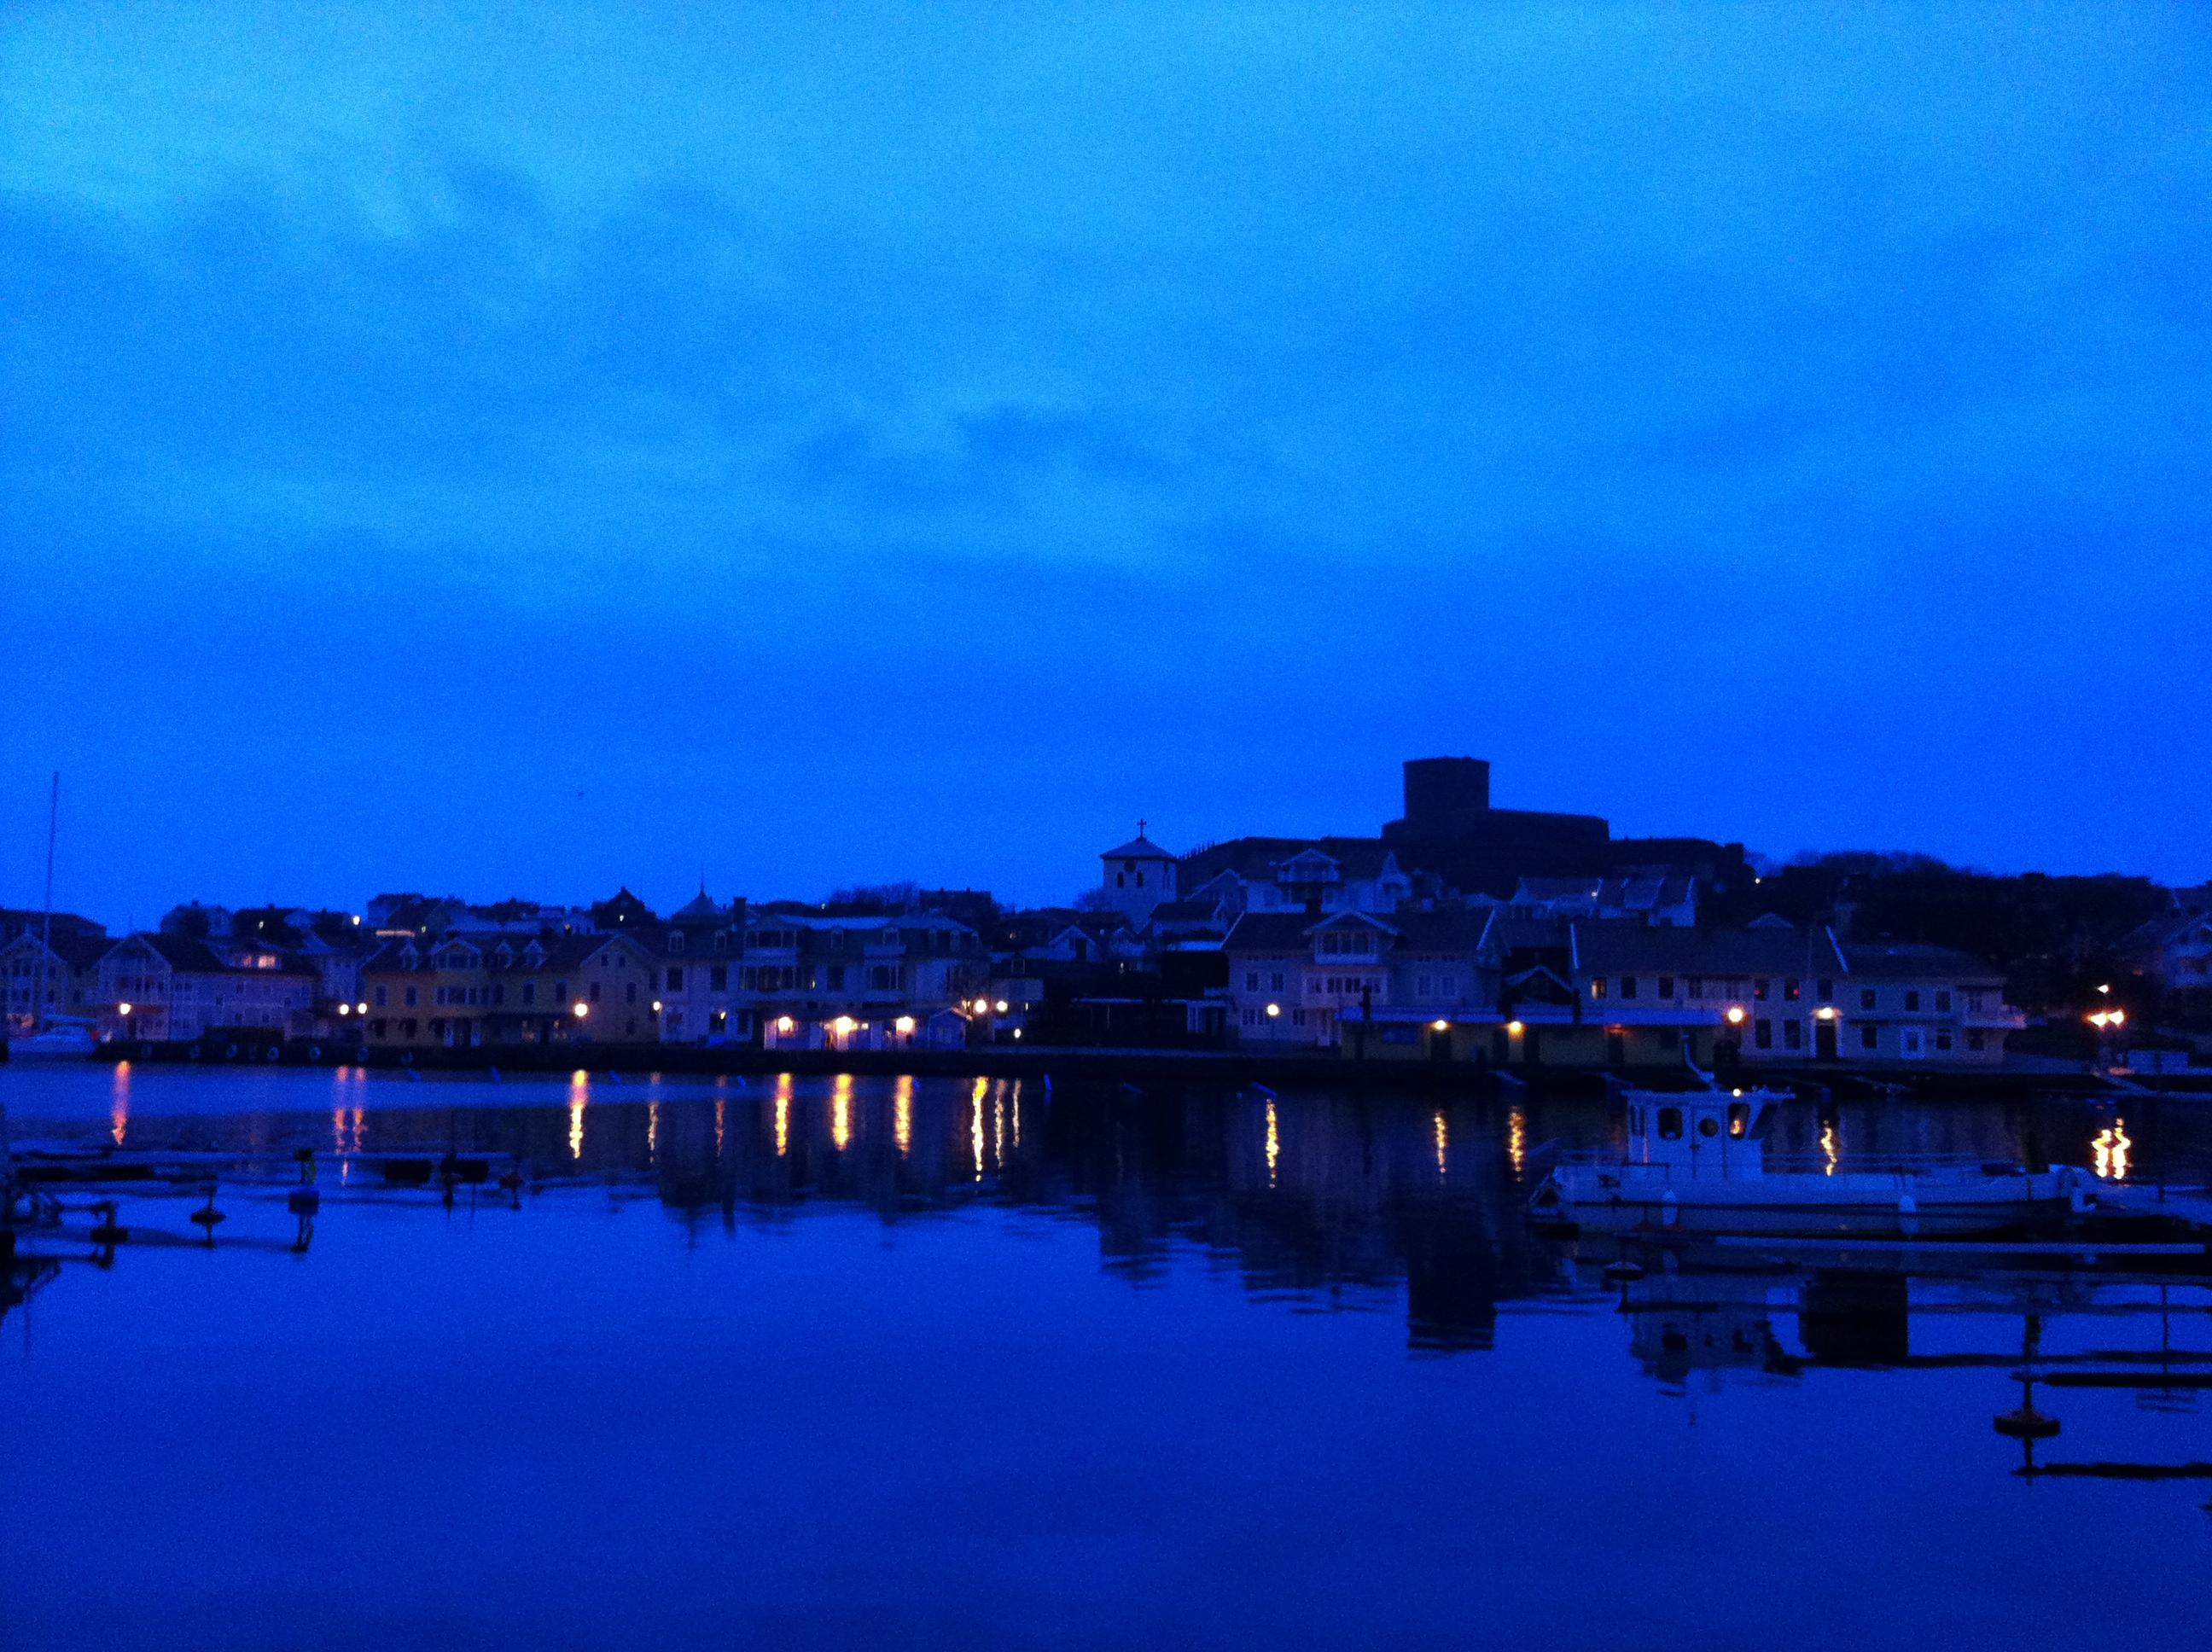 IMG_0998 Blå morgon i Marstrand